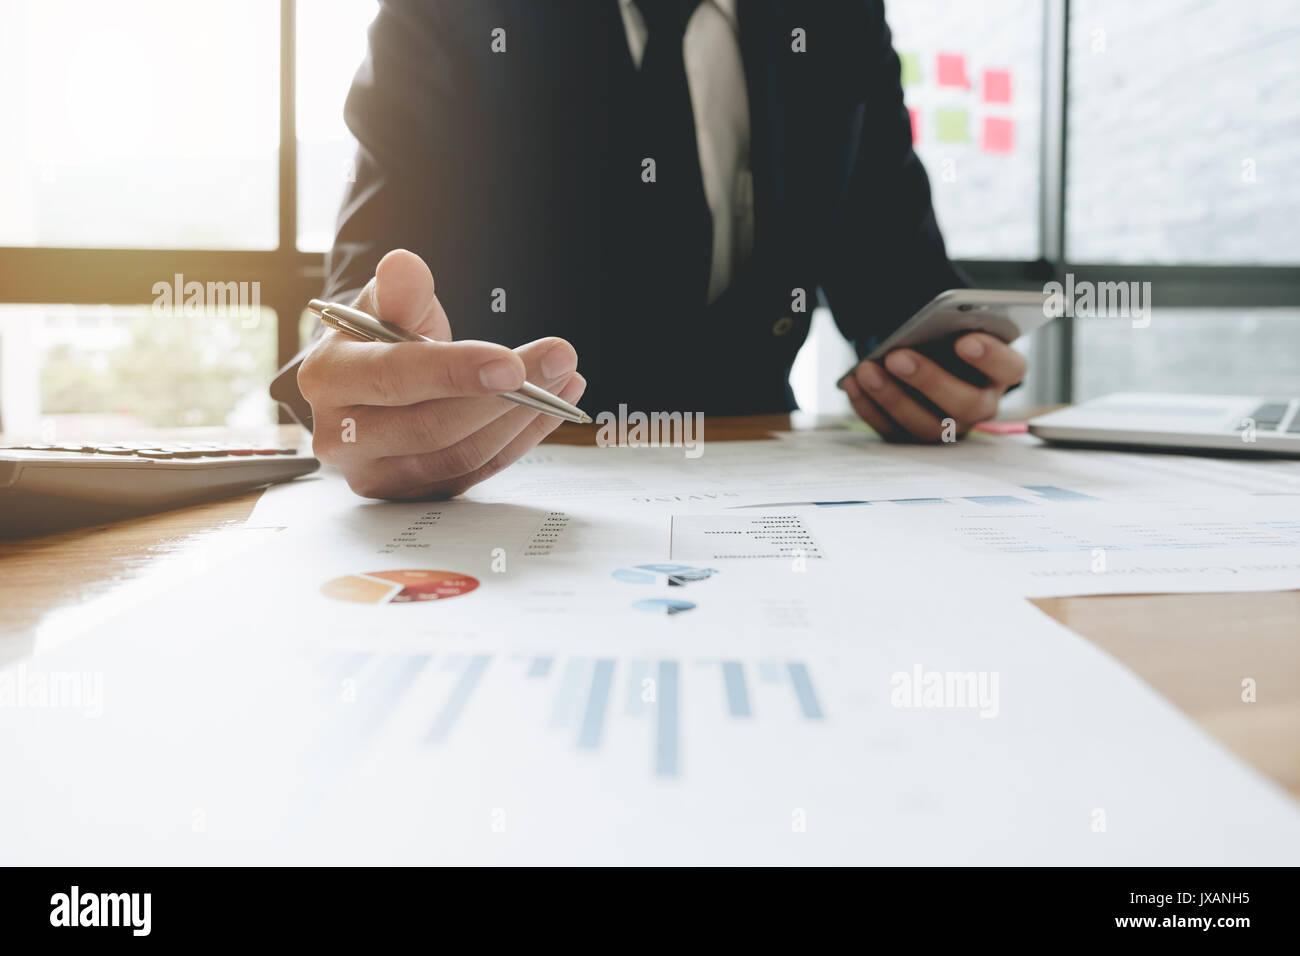 Uomo d'affari consulente per gli investimenti della società di analisi la relazione finanziaria annuale bilancio dichiarazione di lavoro con documenti grafici. Concetto di immagine Immagini Stock